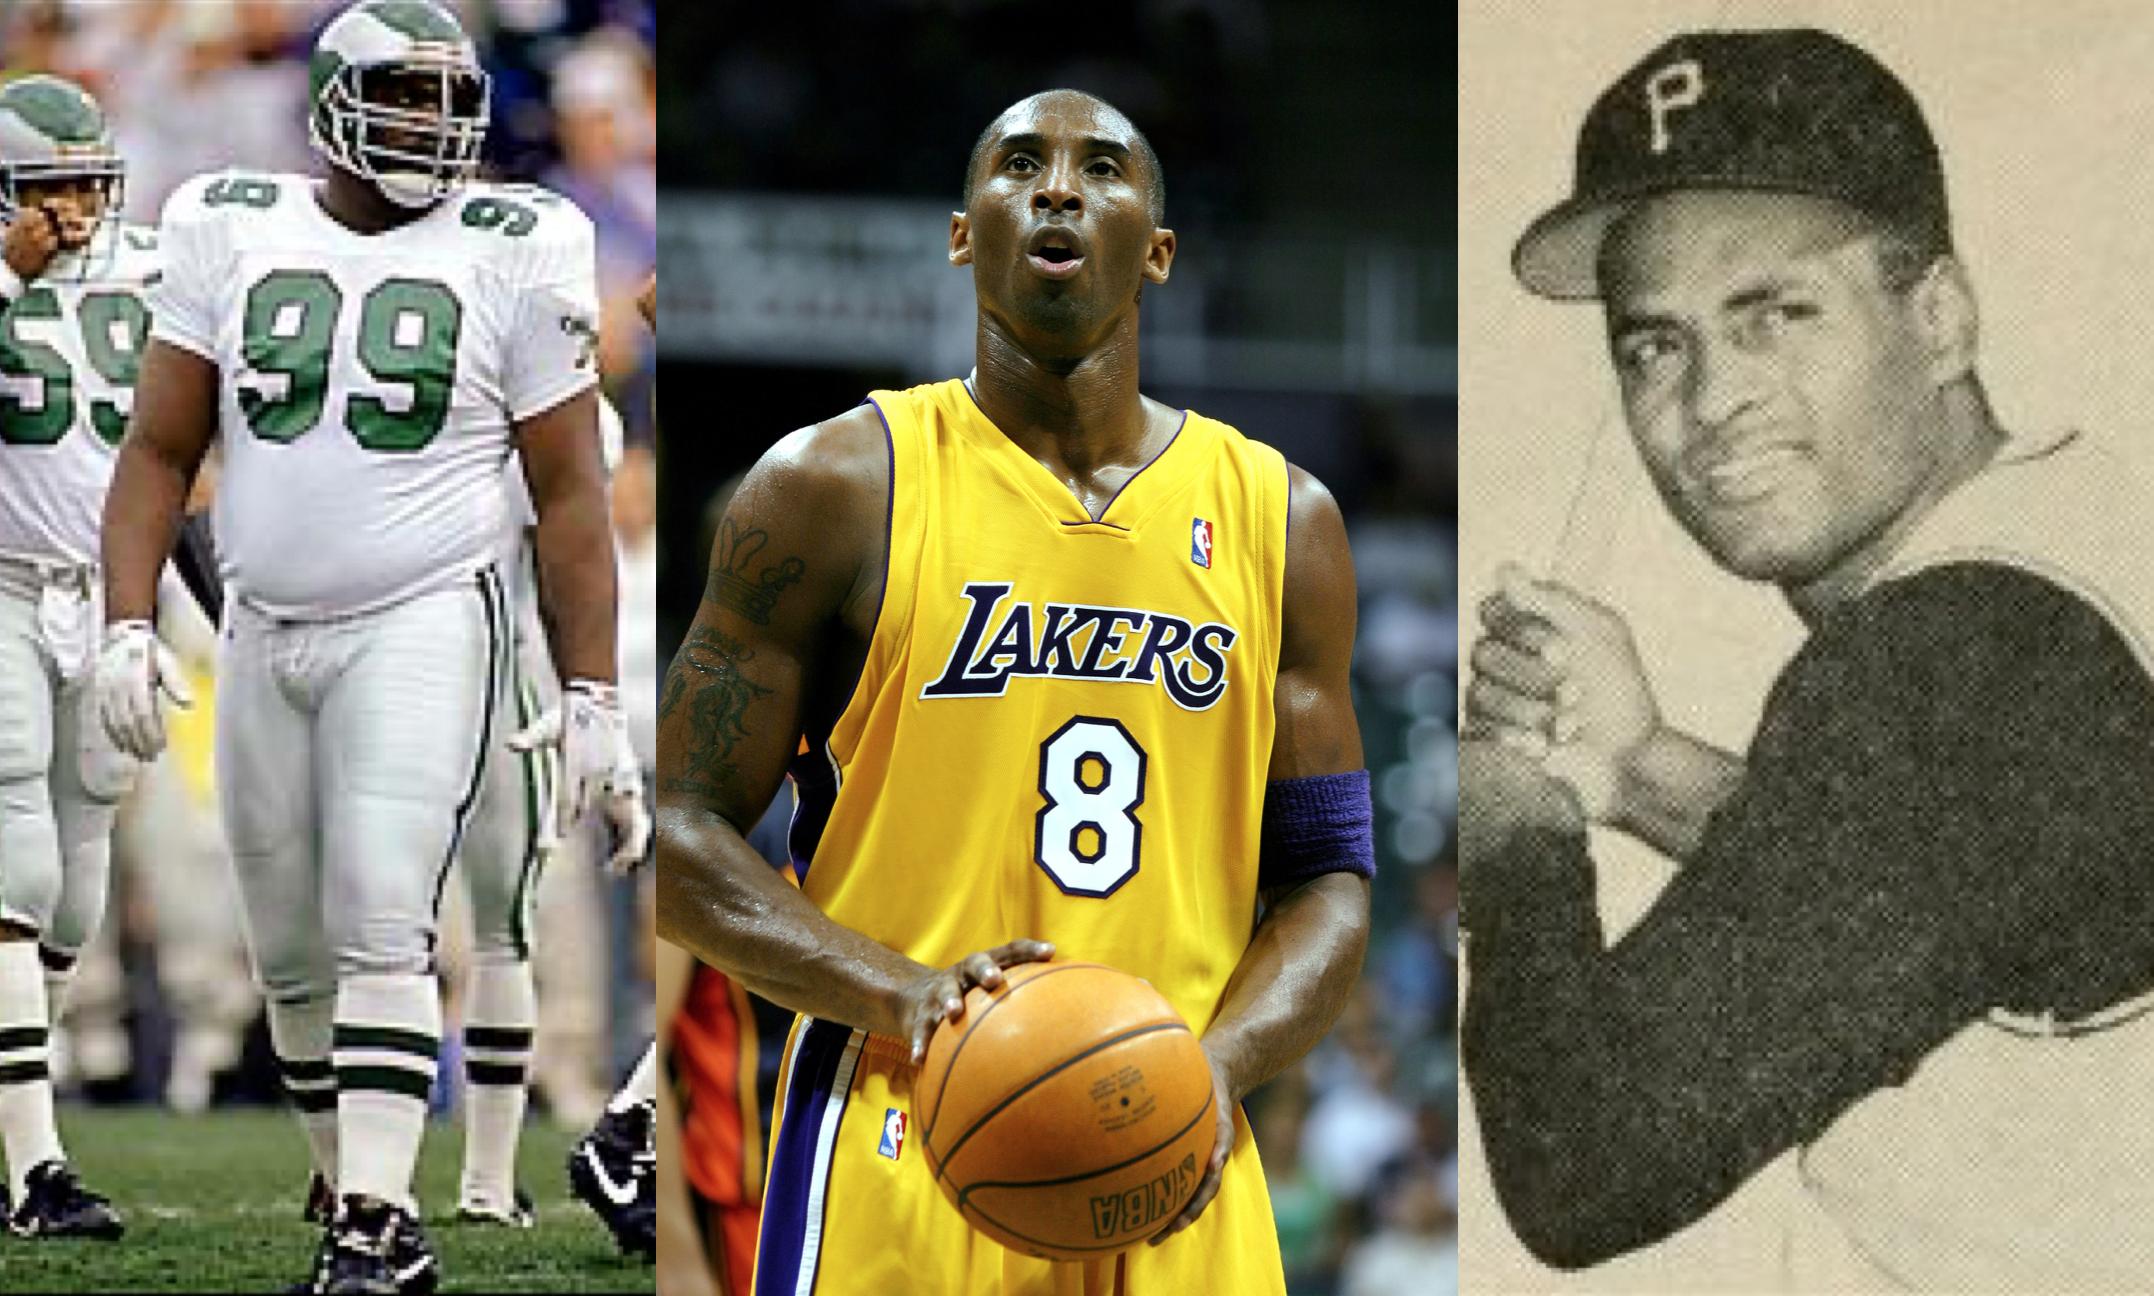 Deportistas que han muerto en accidentes, además de Kobe Bryant